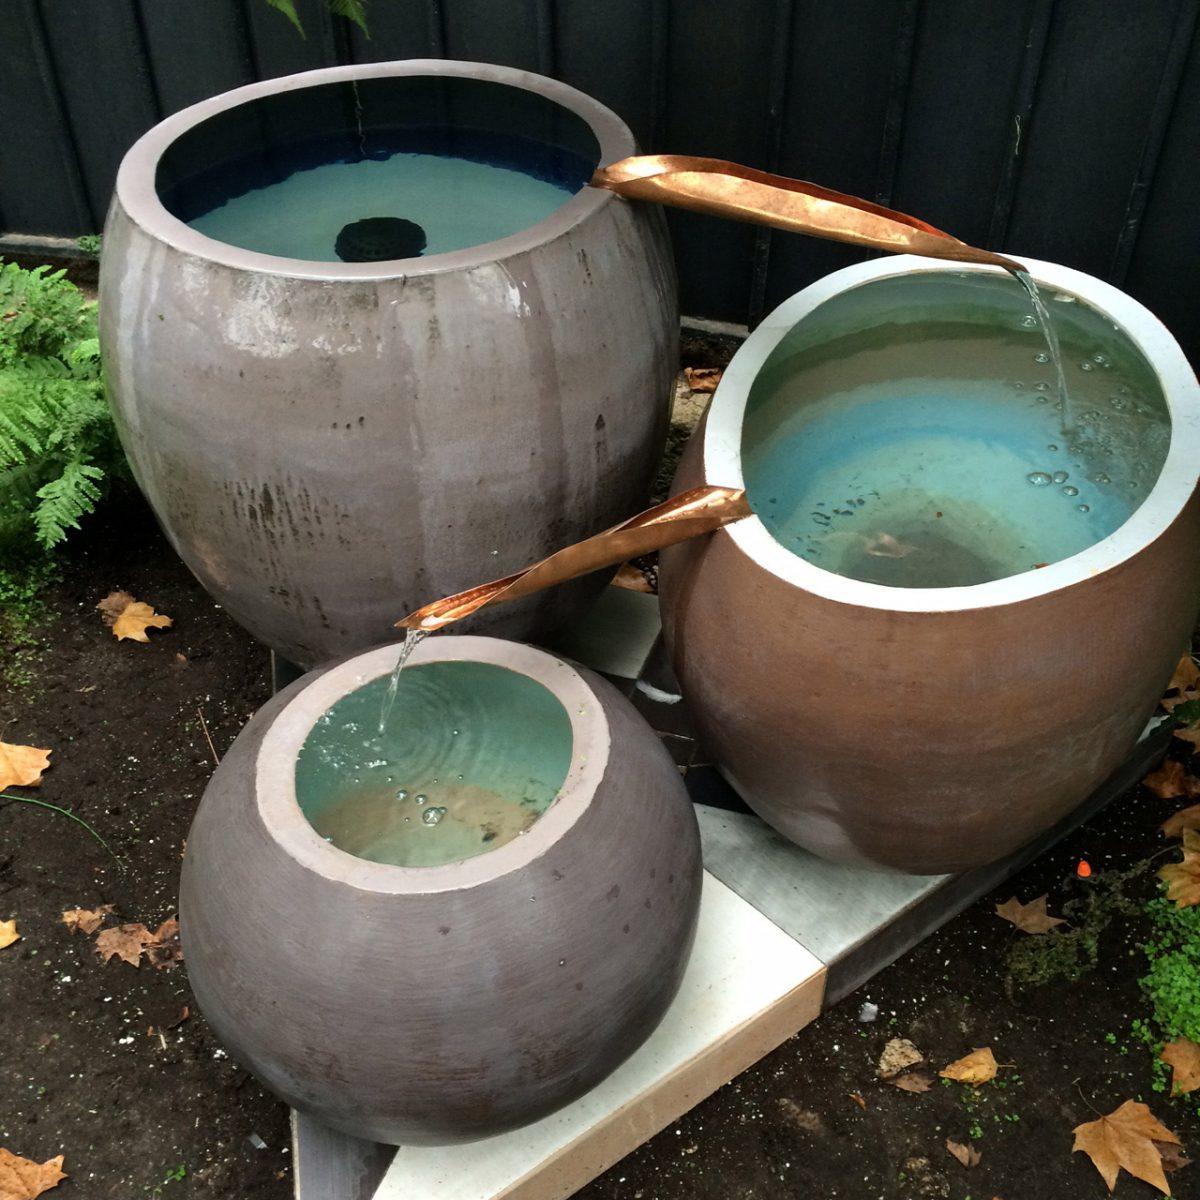 Fontaine trois bols, 2016, grès émaillé, 0,4x0,5 m - 0,5x0,6 m - 0,7x0,6 m, Paris.